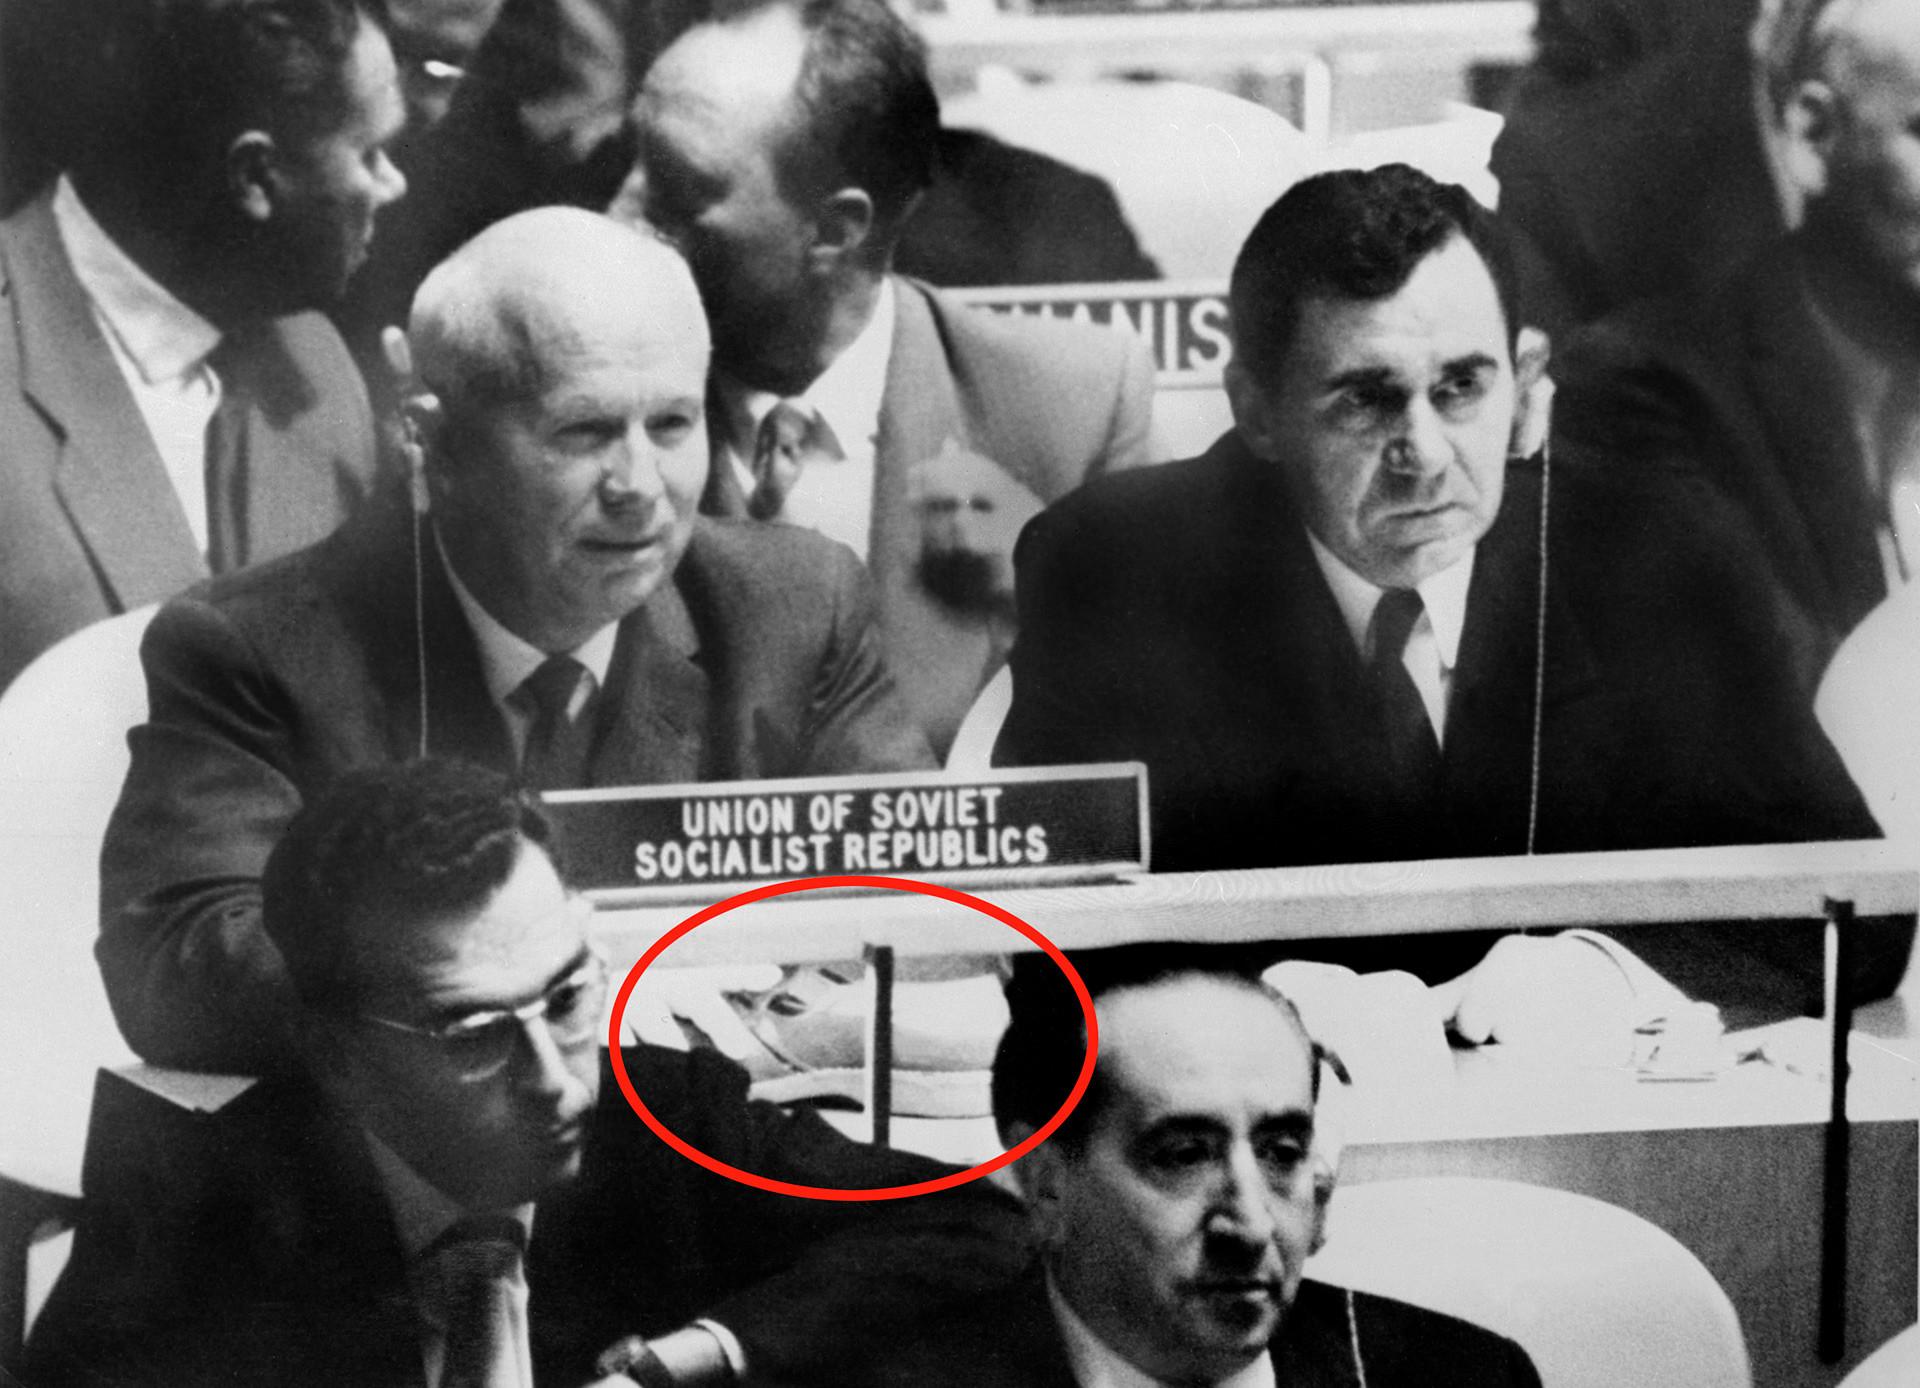 La foto attuale di Nikita Khrushchev e del ministro degli Affari esteri sovietico Andrej Gromyko (a destra) durante la riunione dell'Assemblea generale delle Nazioni Unite, il 12 ottobre 1960. Nel cerchio rosso, la scarpa sul tavolo di Khrushchev